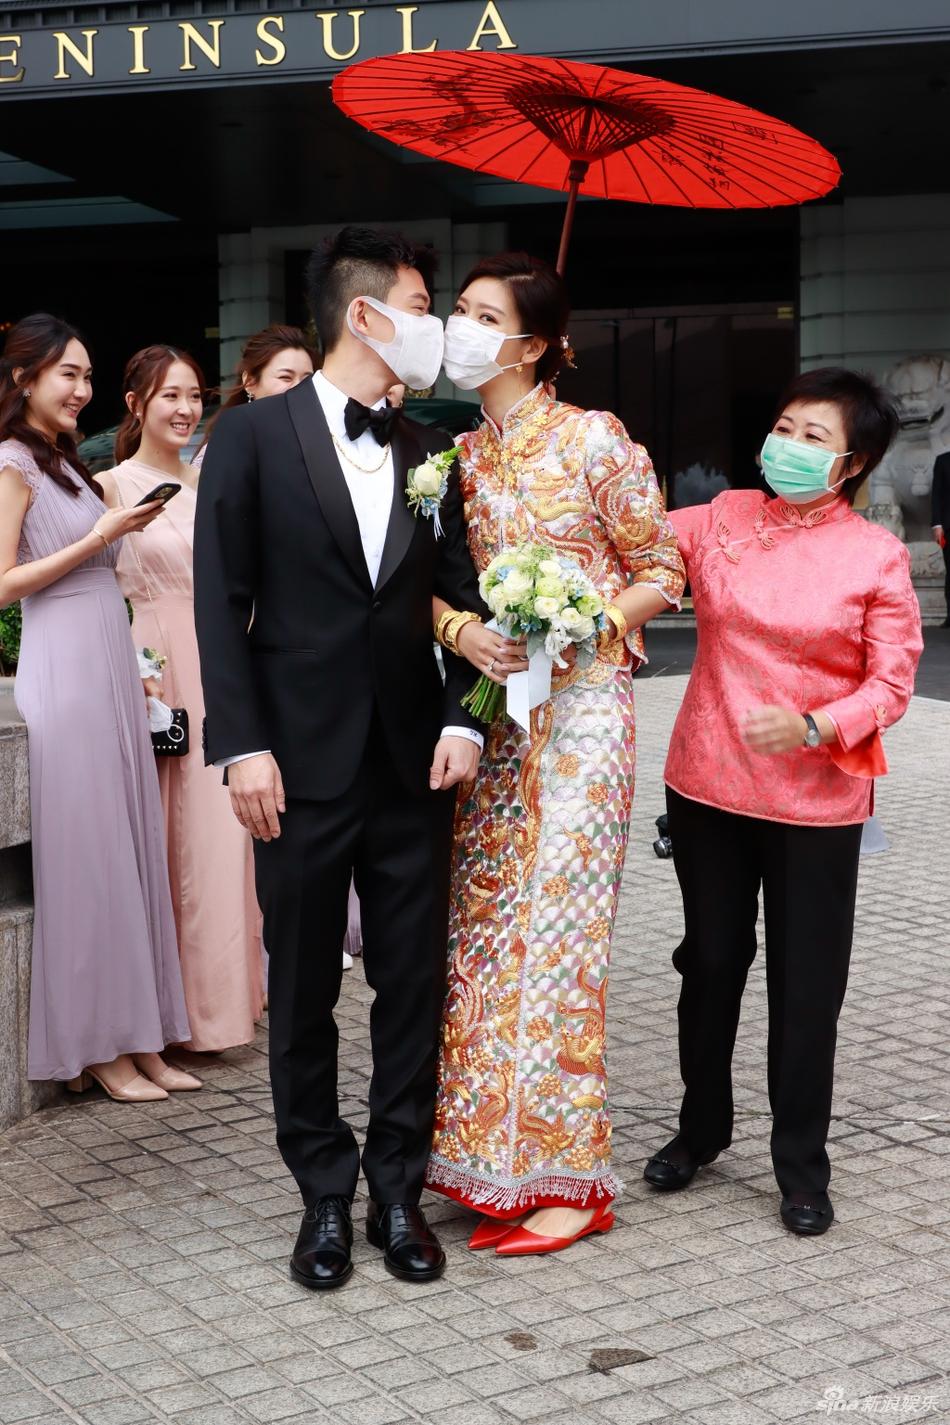 组图:陈家乐旧爱余香凝嫁大13岁圈外男友 穿中式刺绣礼服超贵气